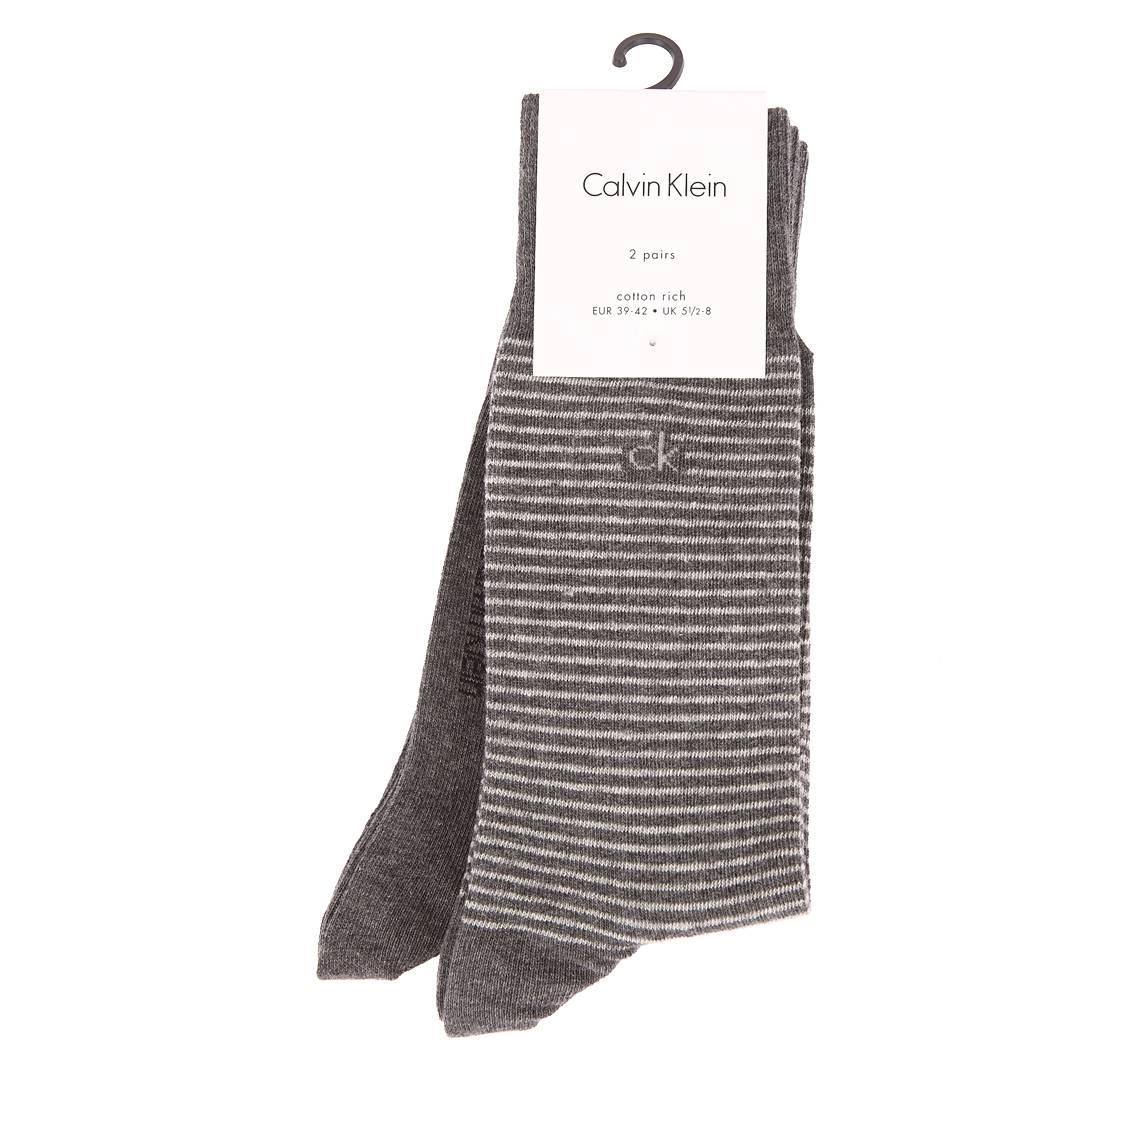 Lot de 2 paires de chaussettes calvin klein en coton peigné mélangé gris anthracite et gris anthracite à rayures